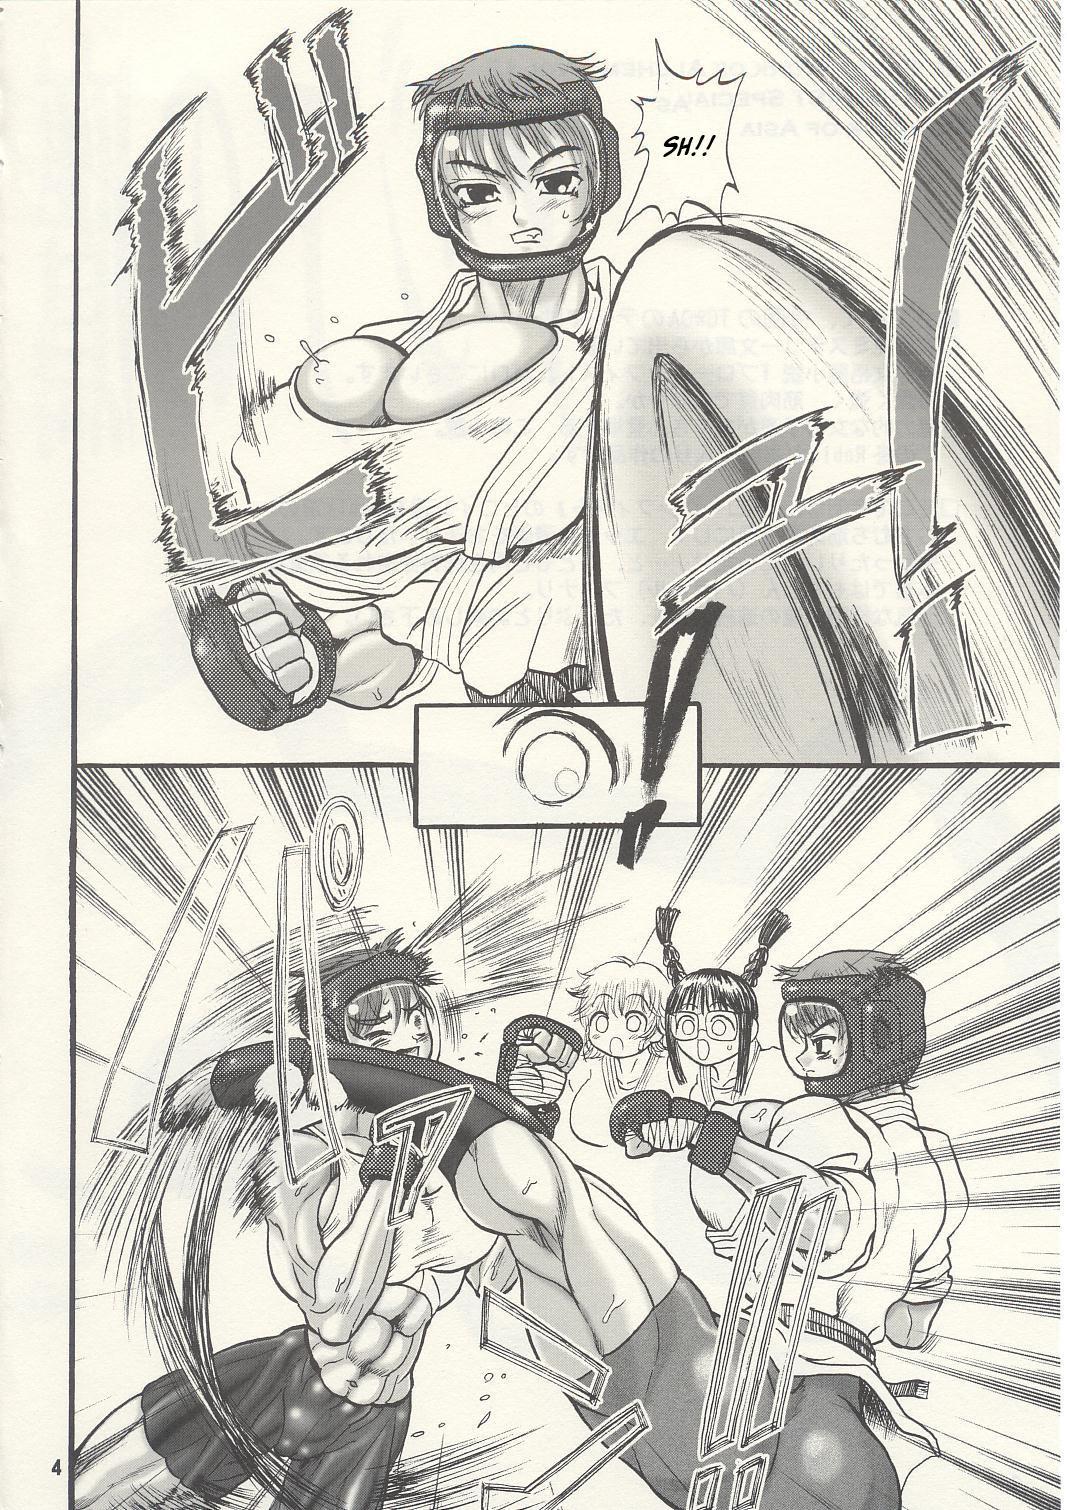 TGWOA Vol.13 - Asia no Taka 2